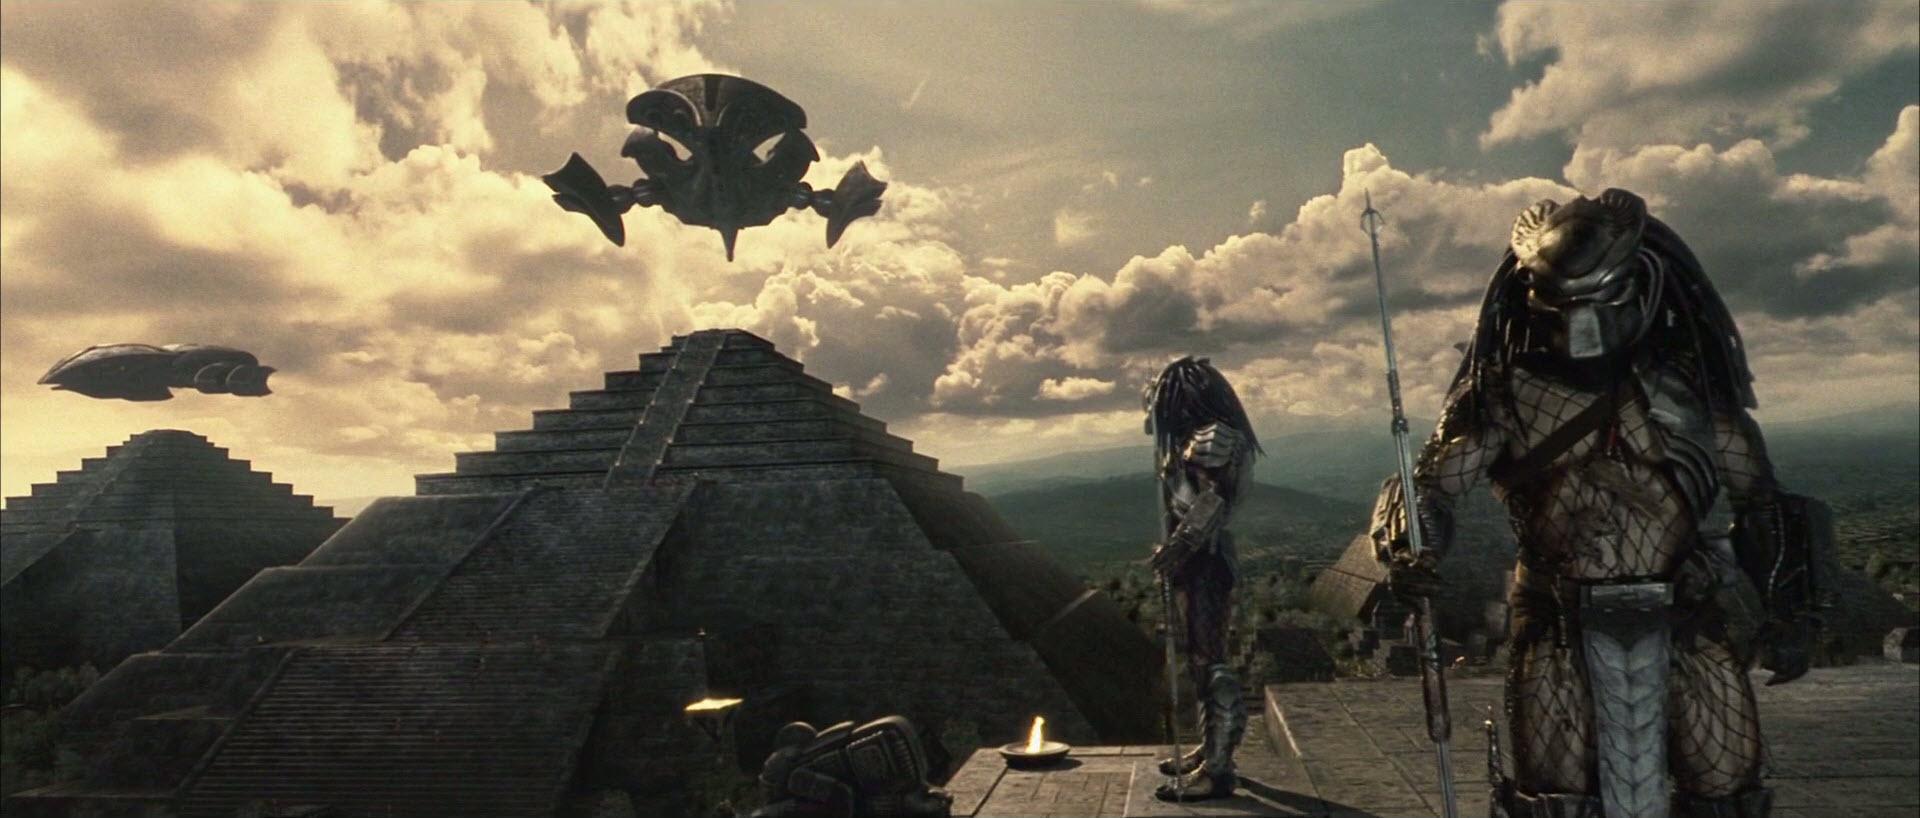 Risultati immagini per xeno archeology aliens vs predator